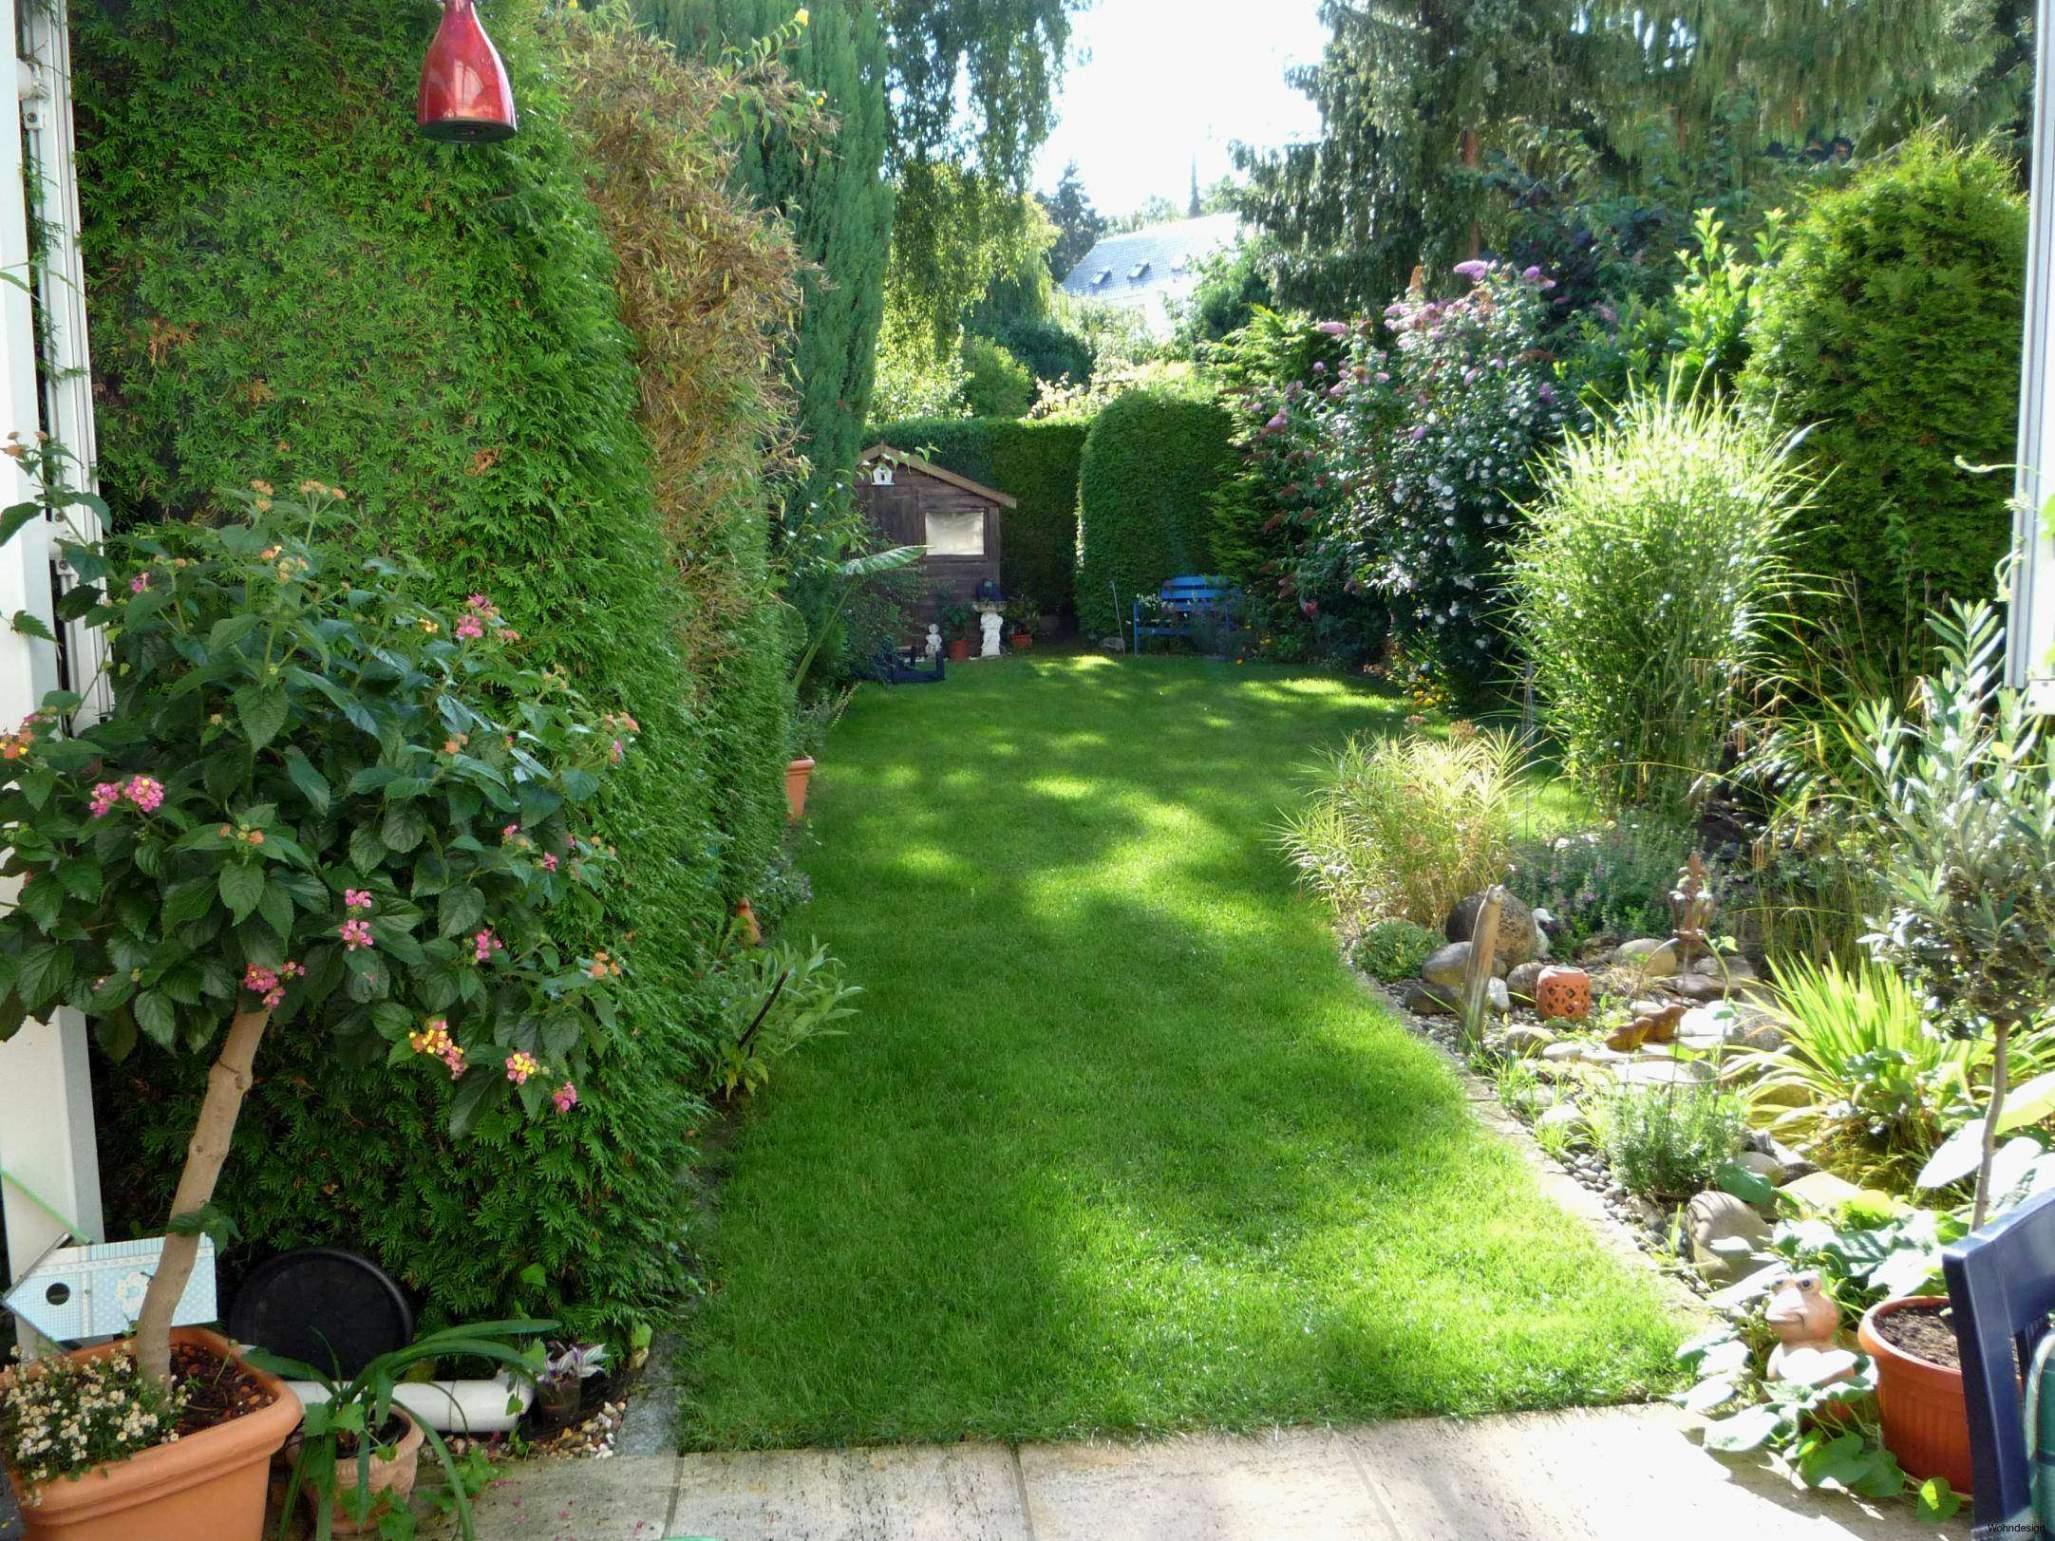 Ideen Für Gartengestaltung Einzigartig 25 Reizend Gartengestaltung Für Kleine Gärten Genial